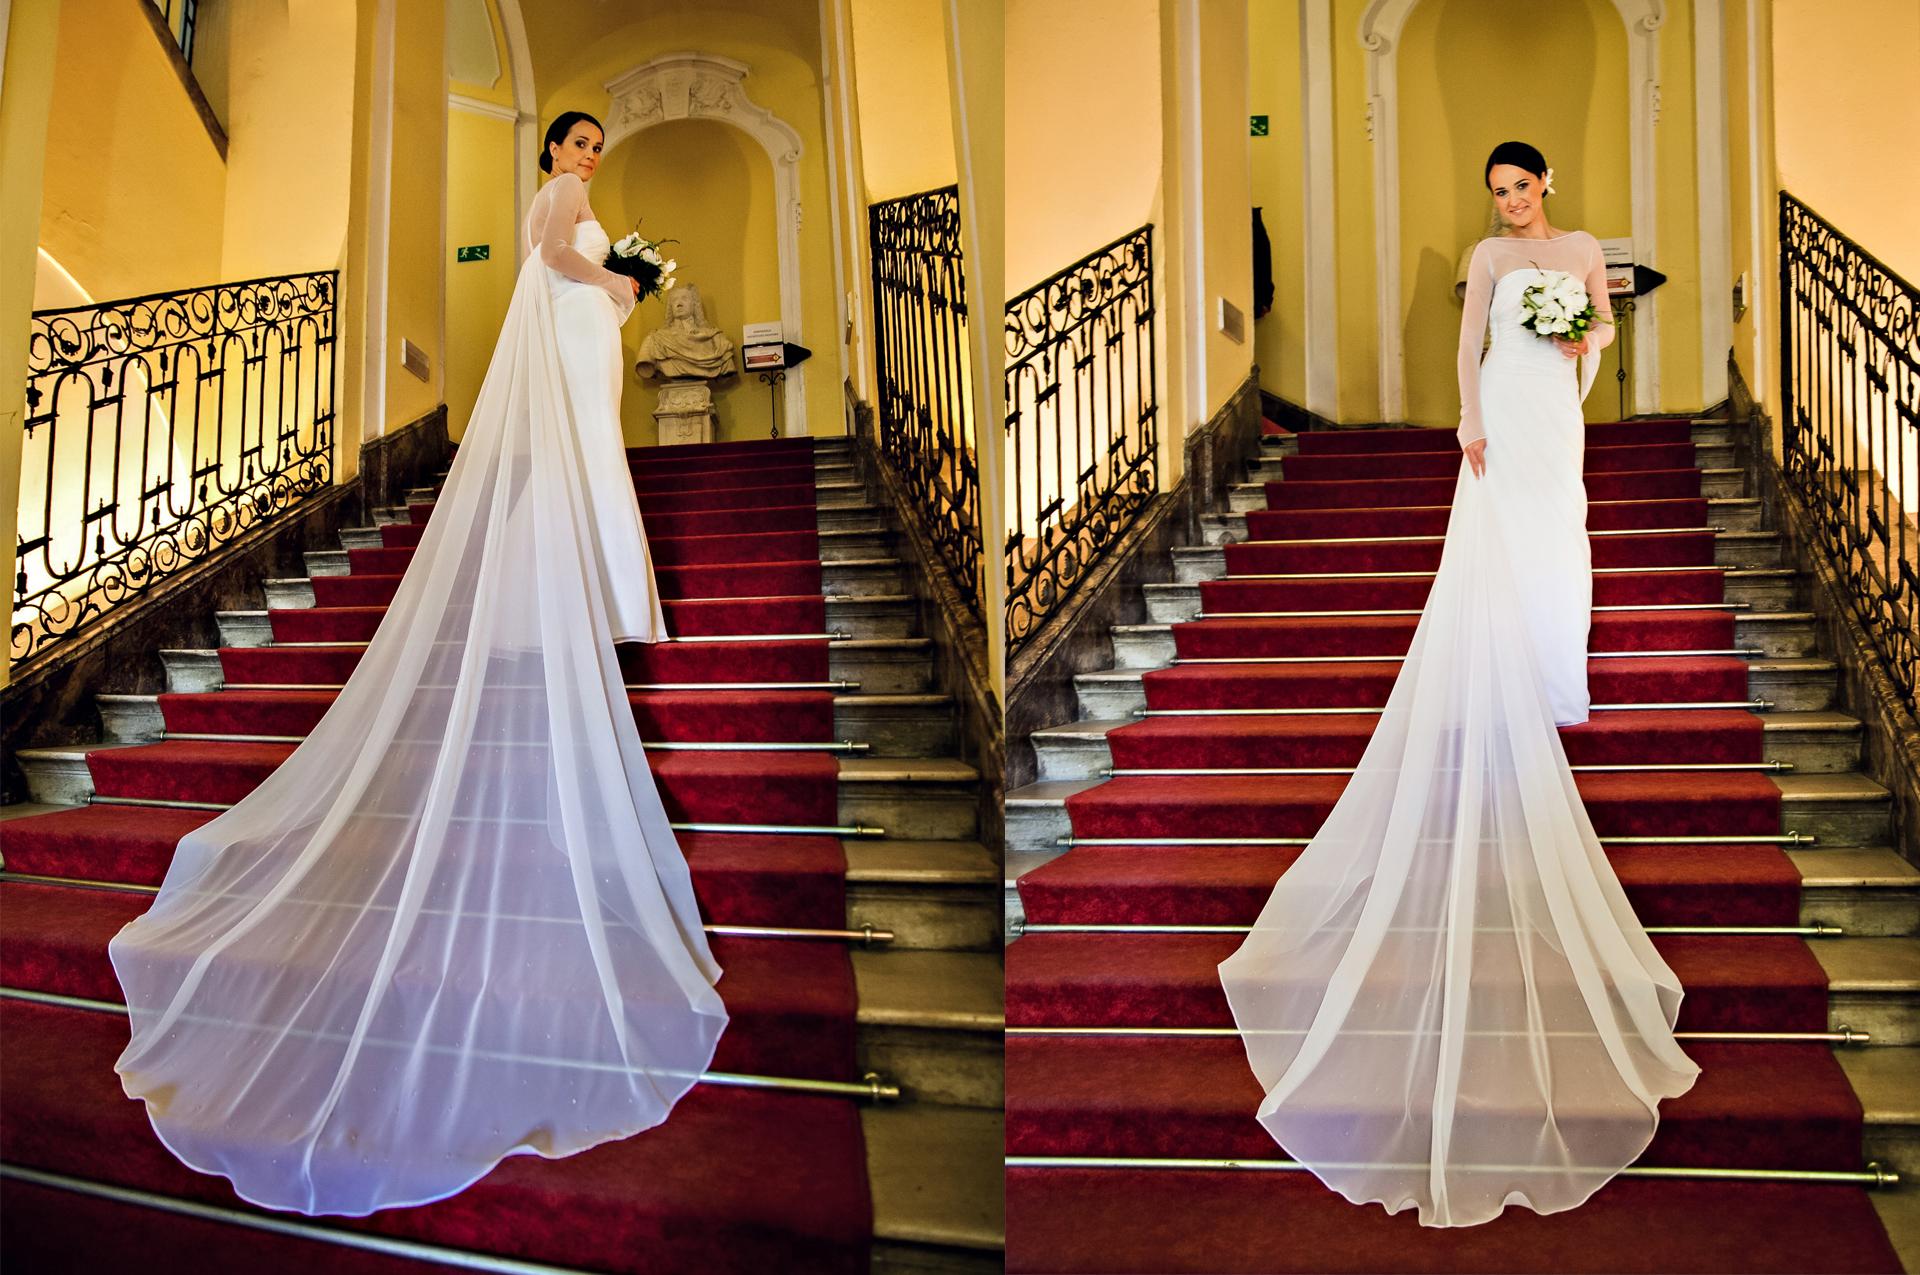 fotograf wałbrzych 20 Plener Oli & Olafa w Zamek Książ